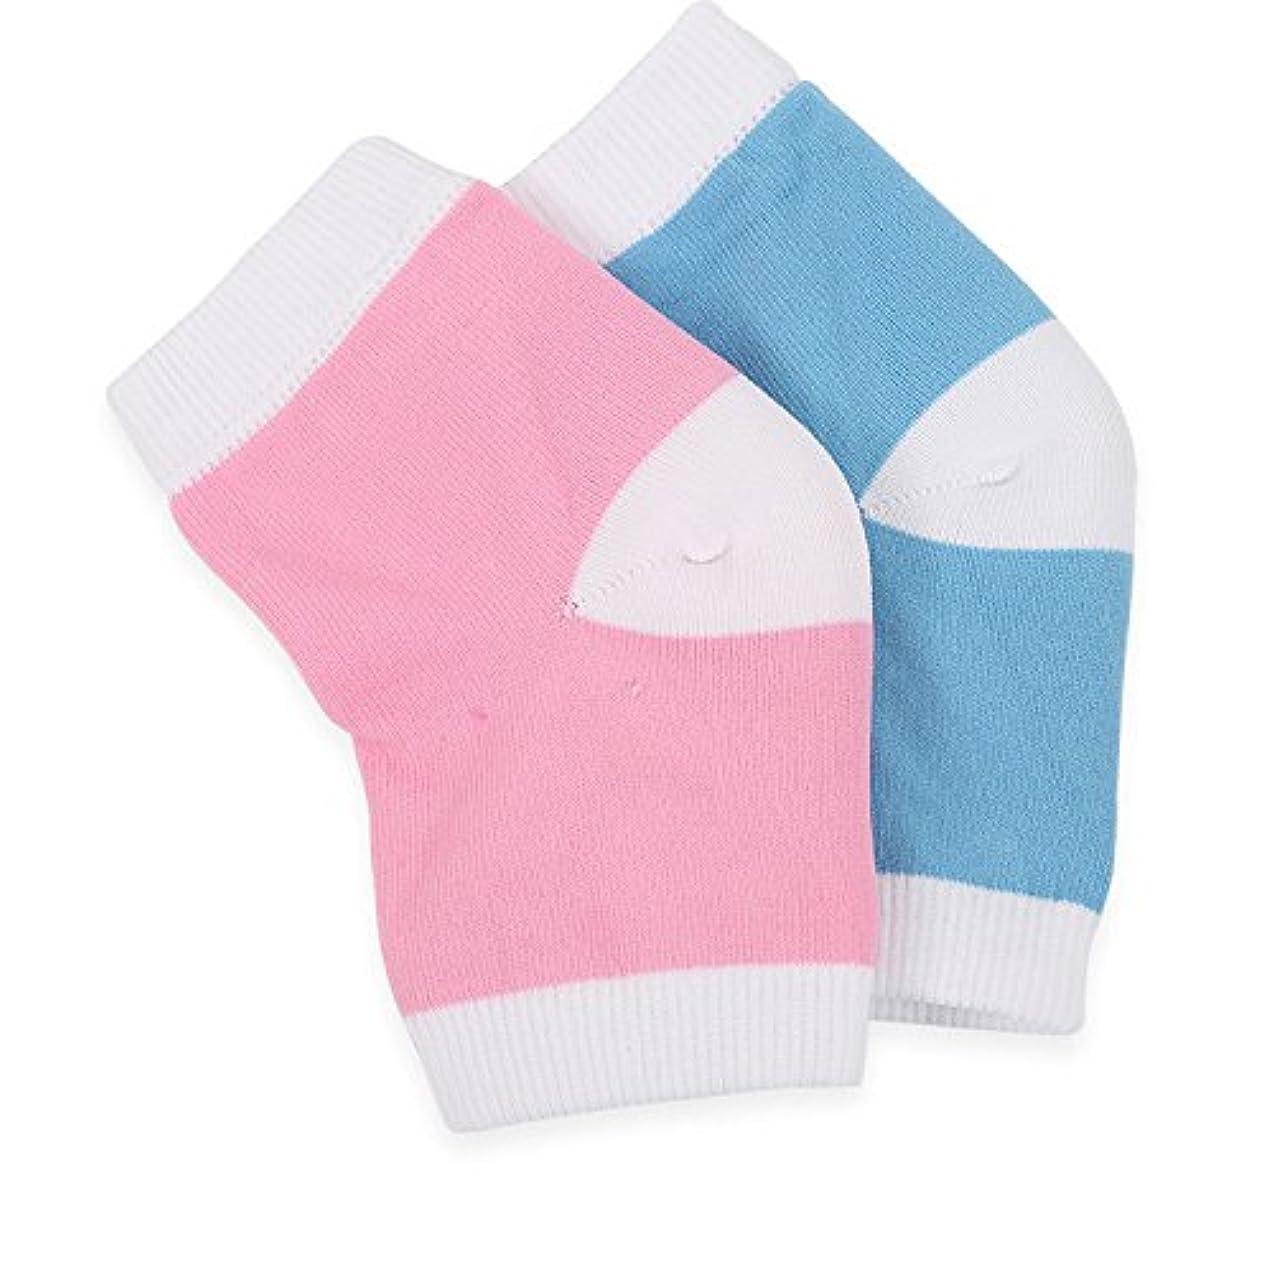 腫瘍どっちロビー【Ban Ban Corp.】かかと ひび割れ つるつる 角質 保湿 ケア 靴下 ソックス (2足セット)